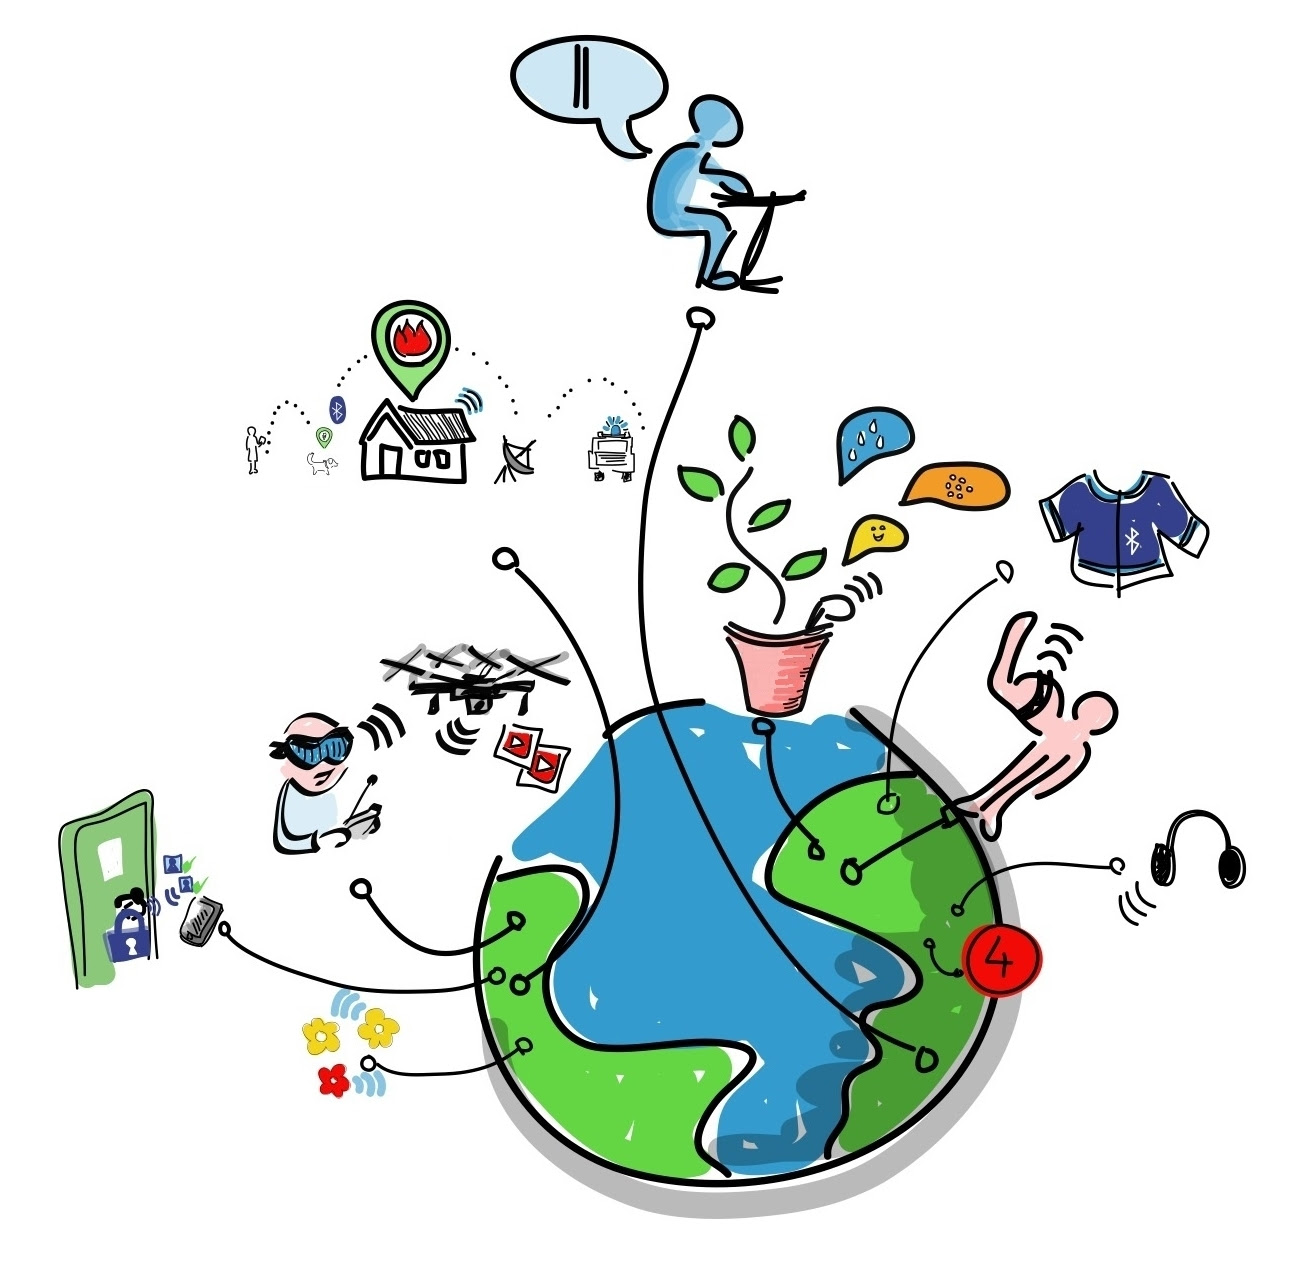 70% Perangkat Internet of Things Mudah Diretas